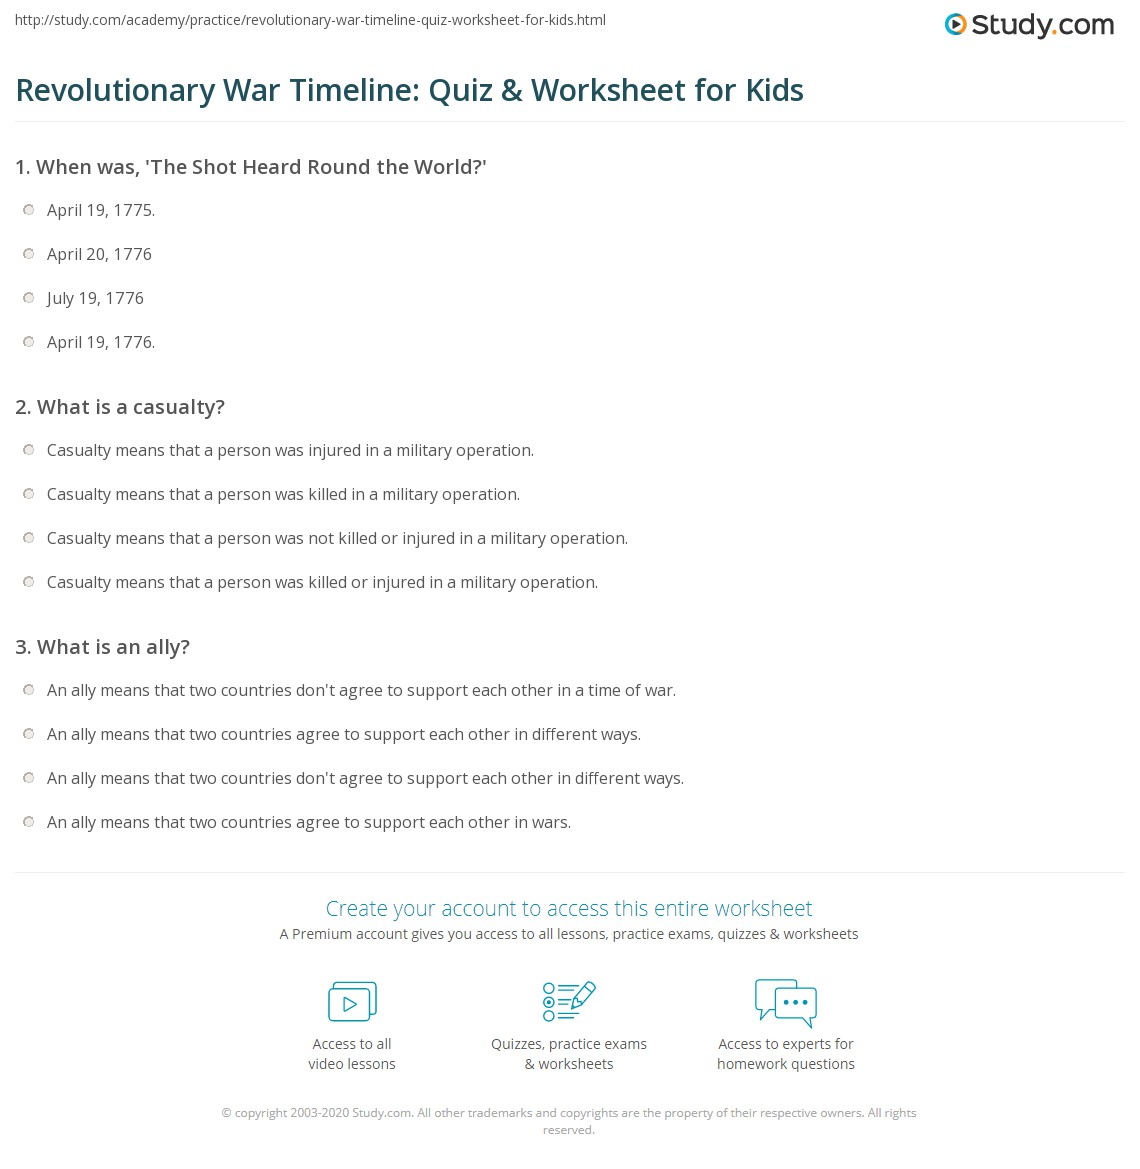 Printables American Revolution Timeline Worksheet revolutionary war timeline worksheet davezan quiz amp for kids study com